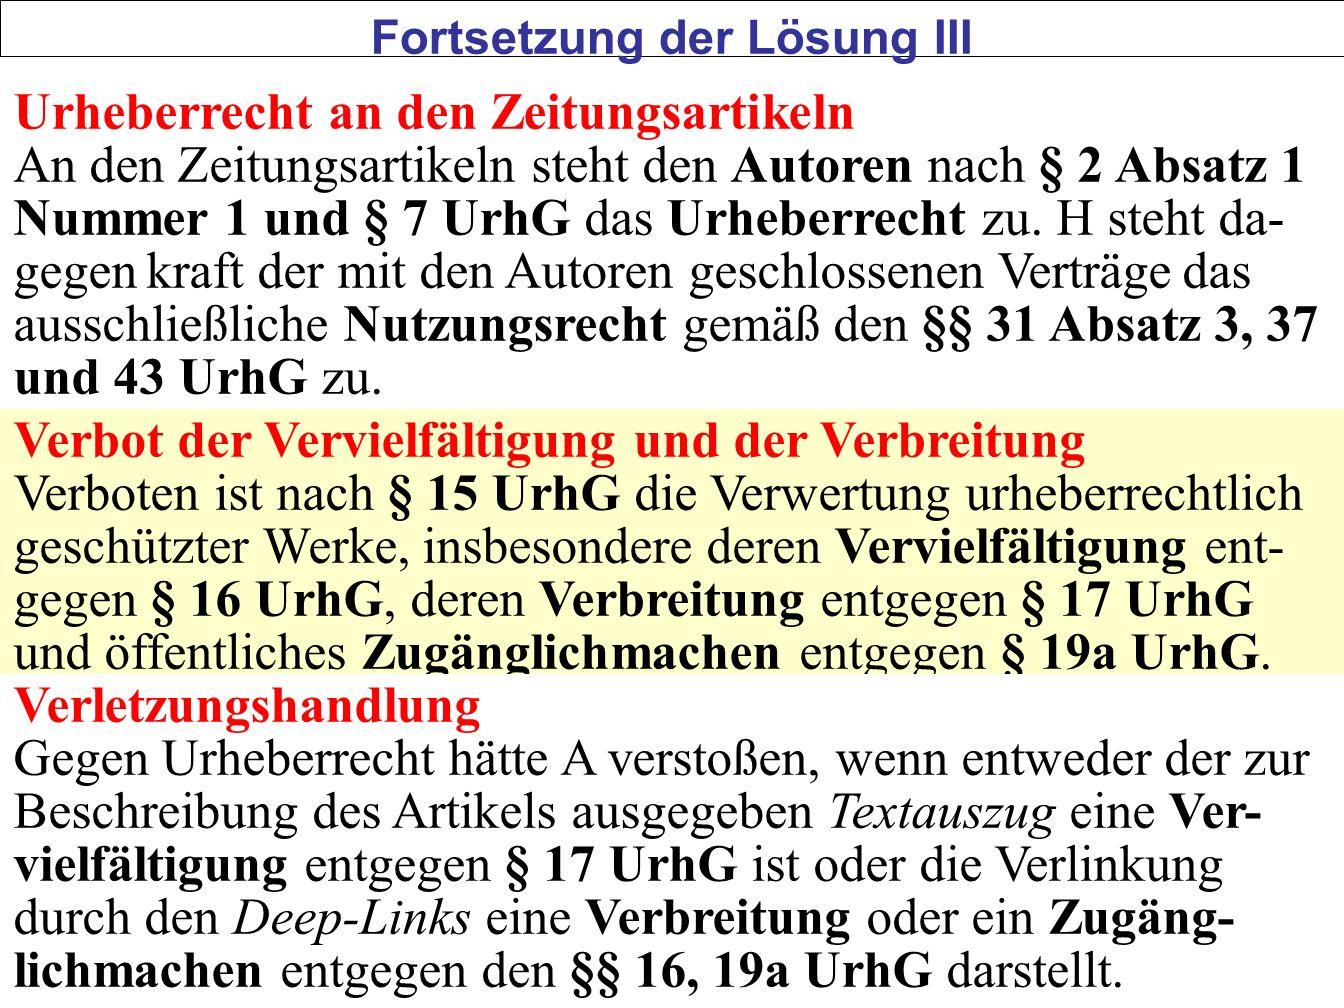 50 Urheberrecht an den Zeitungsartikeln An den Zeitungsartikeln steht den Autoren nach § 2 Absatz 1 Nummer 1 und § 7 UrhG das Urheberrecht zu.